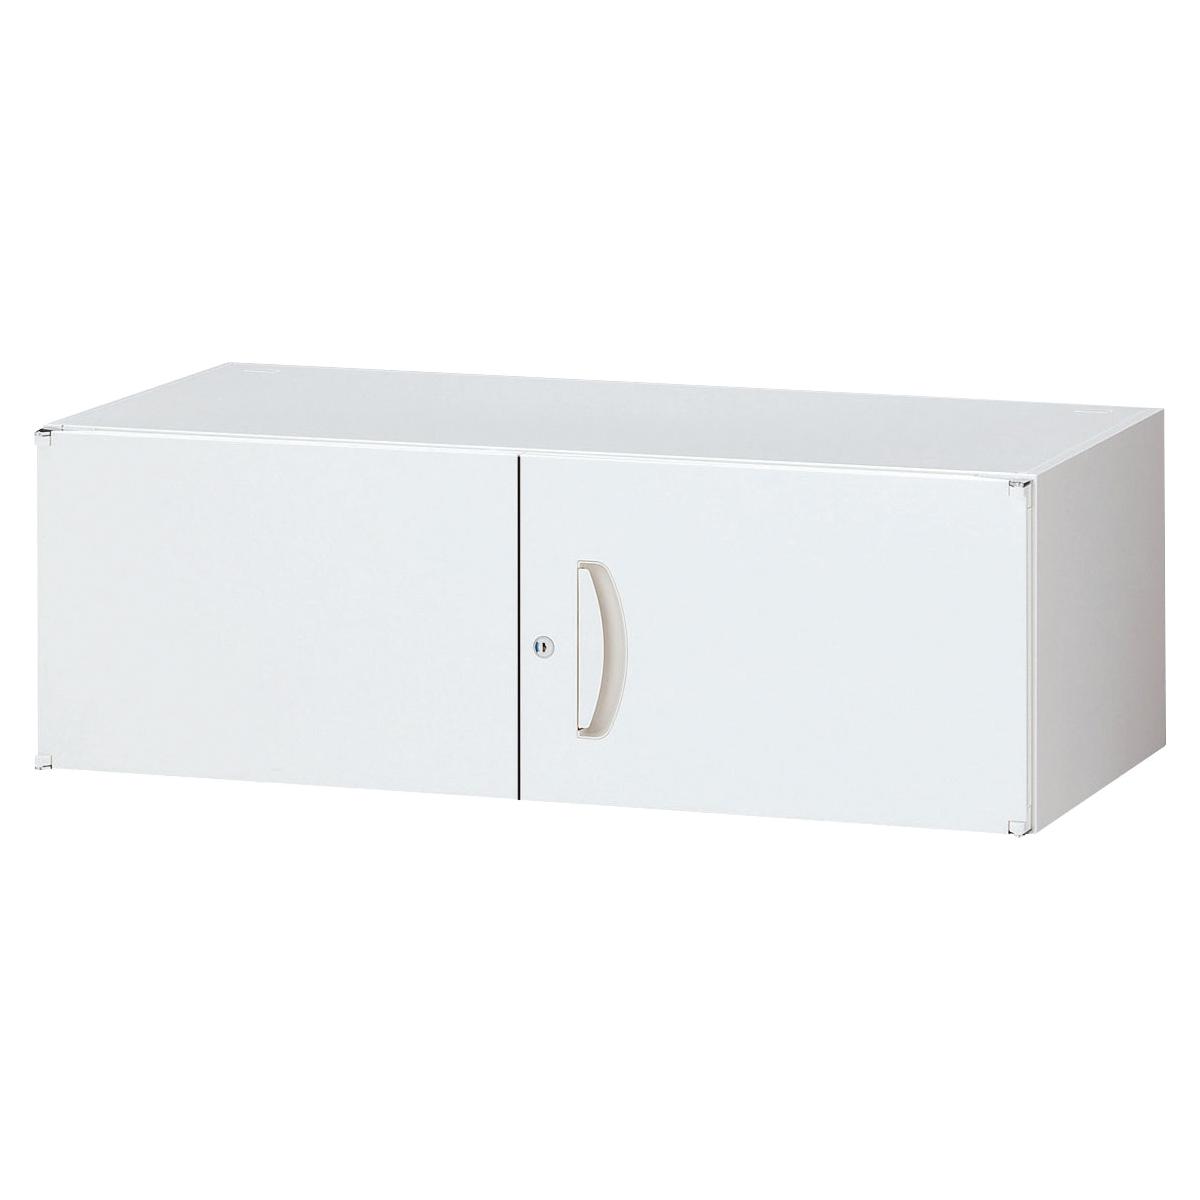 <お取り寄せ品※代引きキャンセル不可> 上置き棚 RW5-03H 【 用紙 画用紙 整理 棚 収納 多目的 システム収納棚 】